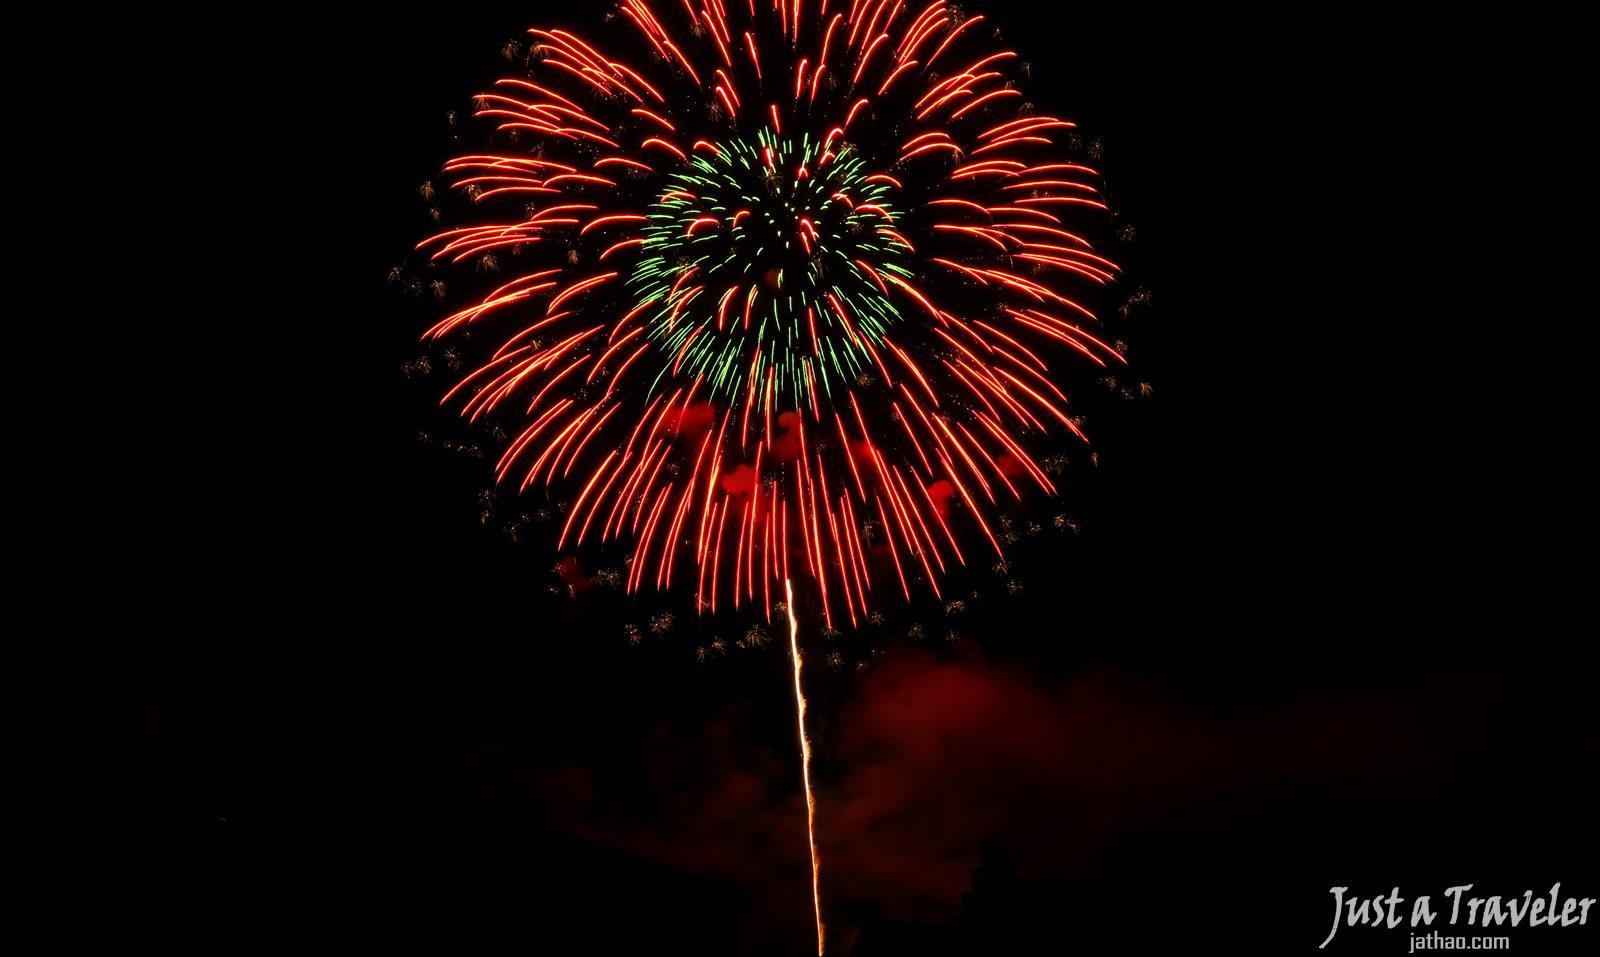 九州-長崎-景點-推薦-豪斯登堡-煙火-fireworks-行程-旅遊-自由行-Kyushu-Huis Ten Bosch-Travel-Japan